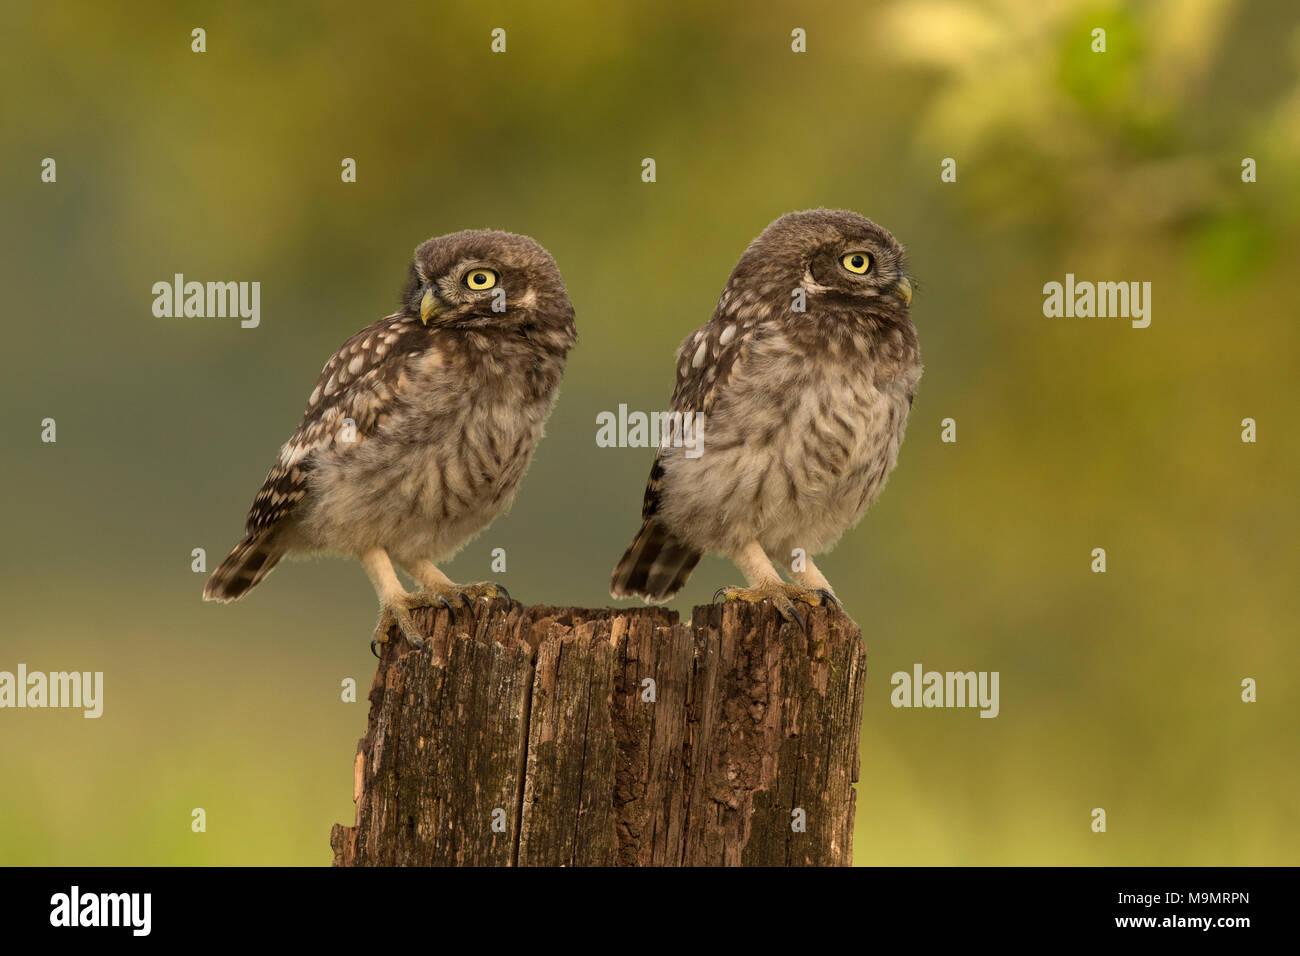 Steinkauz (Athene noctua), junge Vögel, Rheinland-Pfalz, Deutschland Stockbild